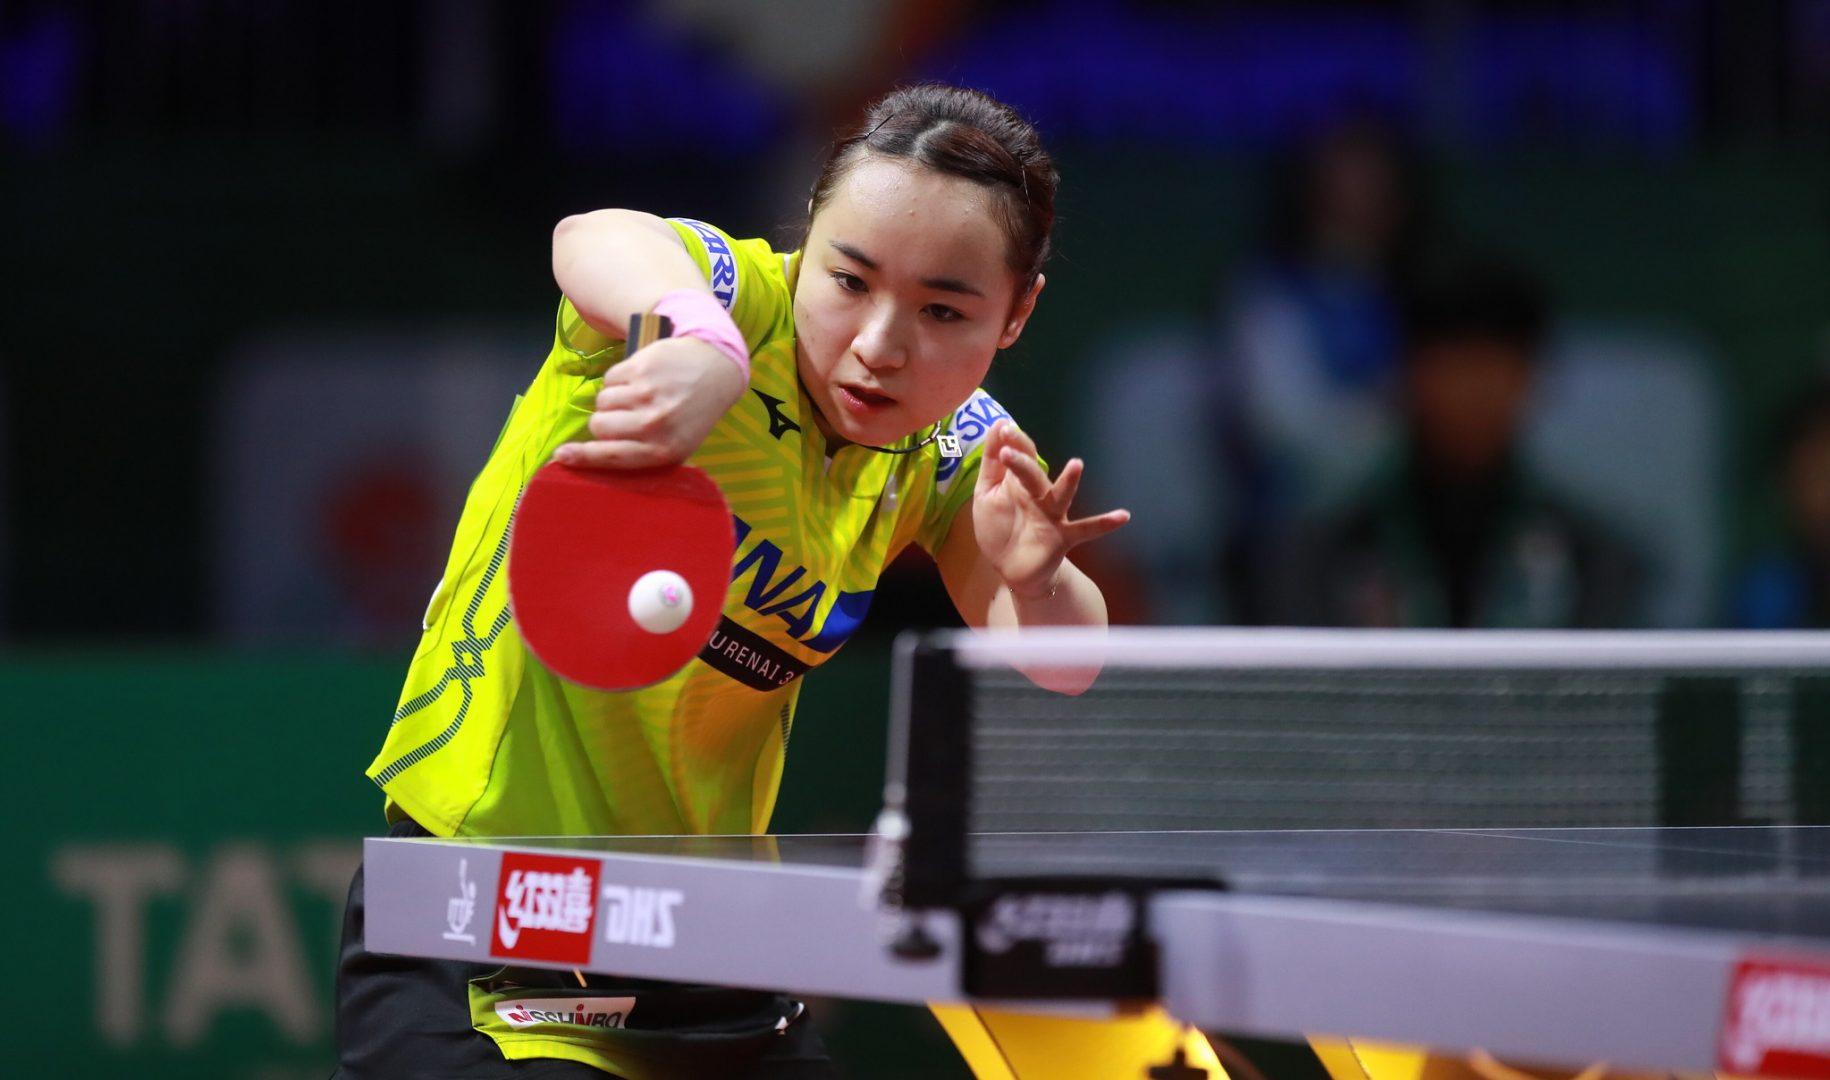 【卓球】伊藤美誠、中国期待の若手に阻まれる 残り2種目でのメダル狙う<世界卓球2019>